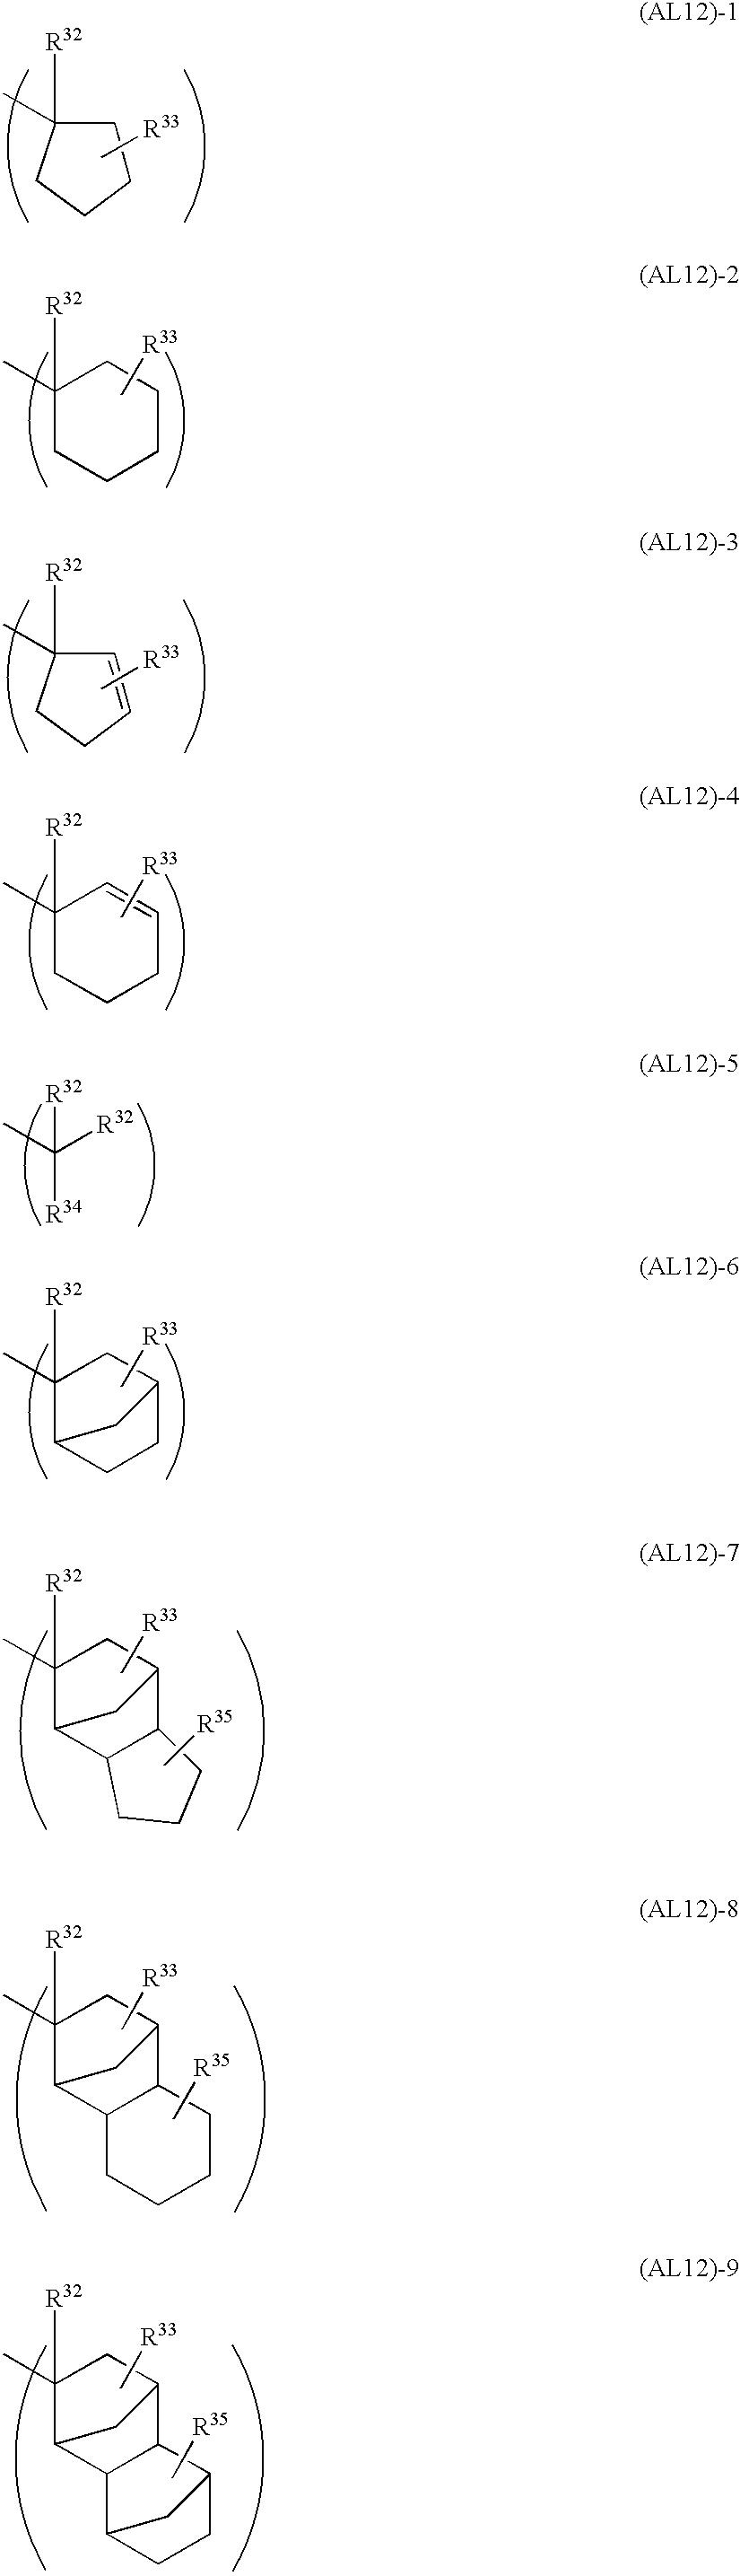 Figure US20030207201A1-20031106-C00025